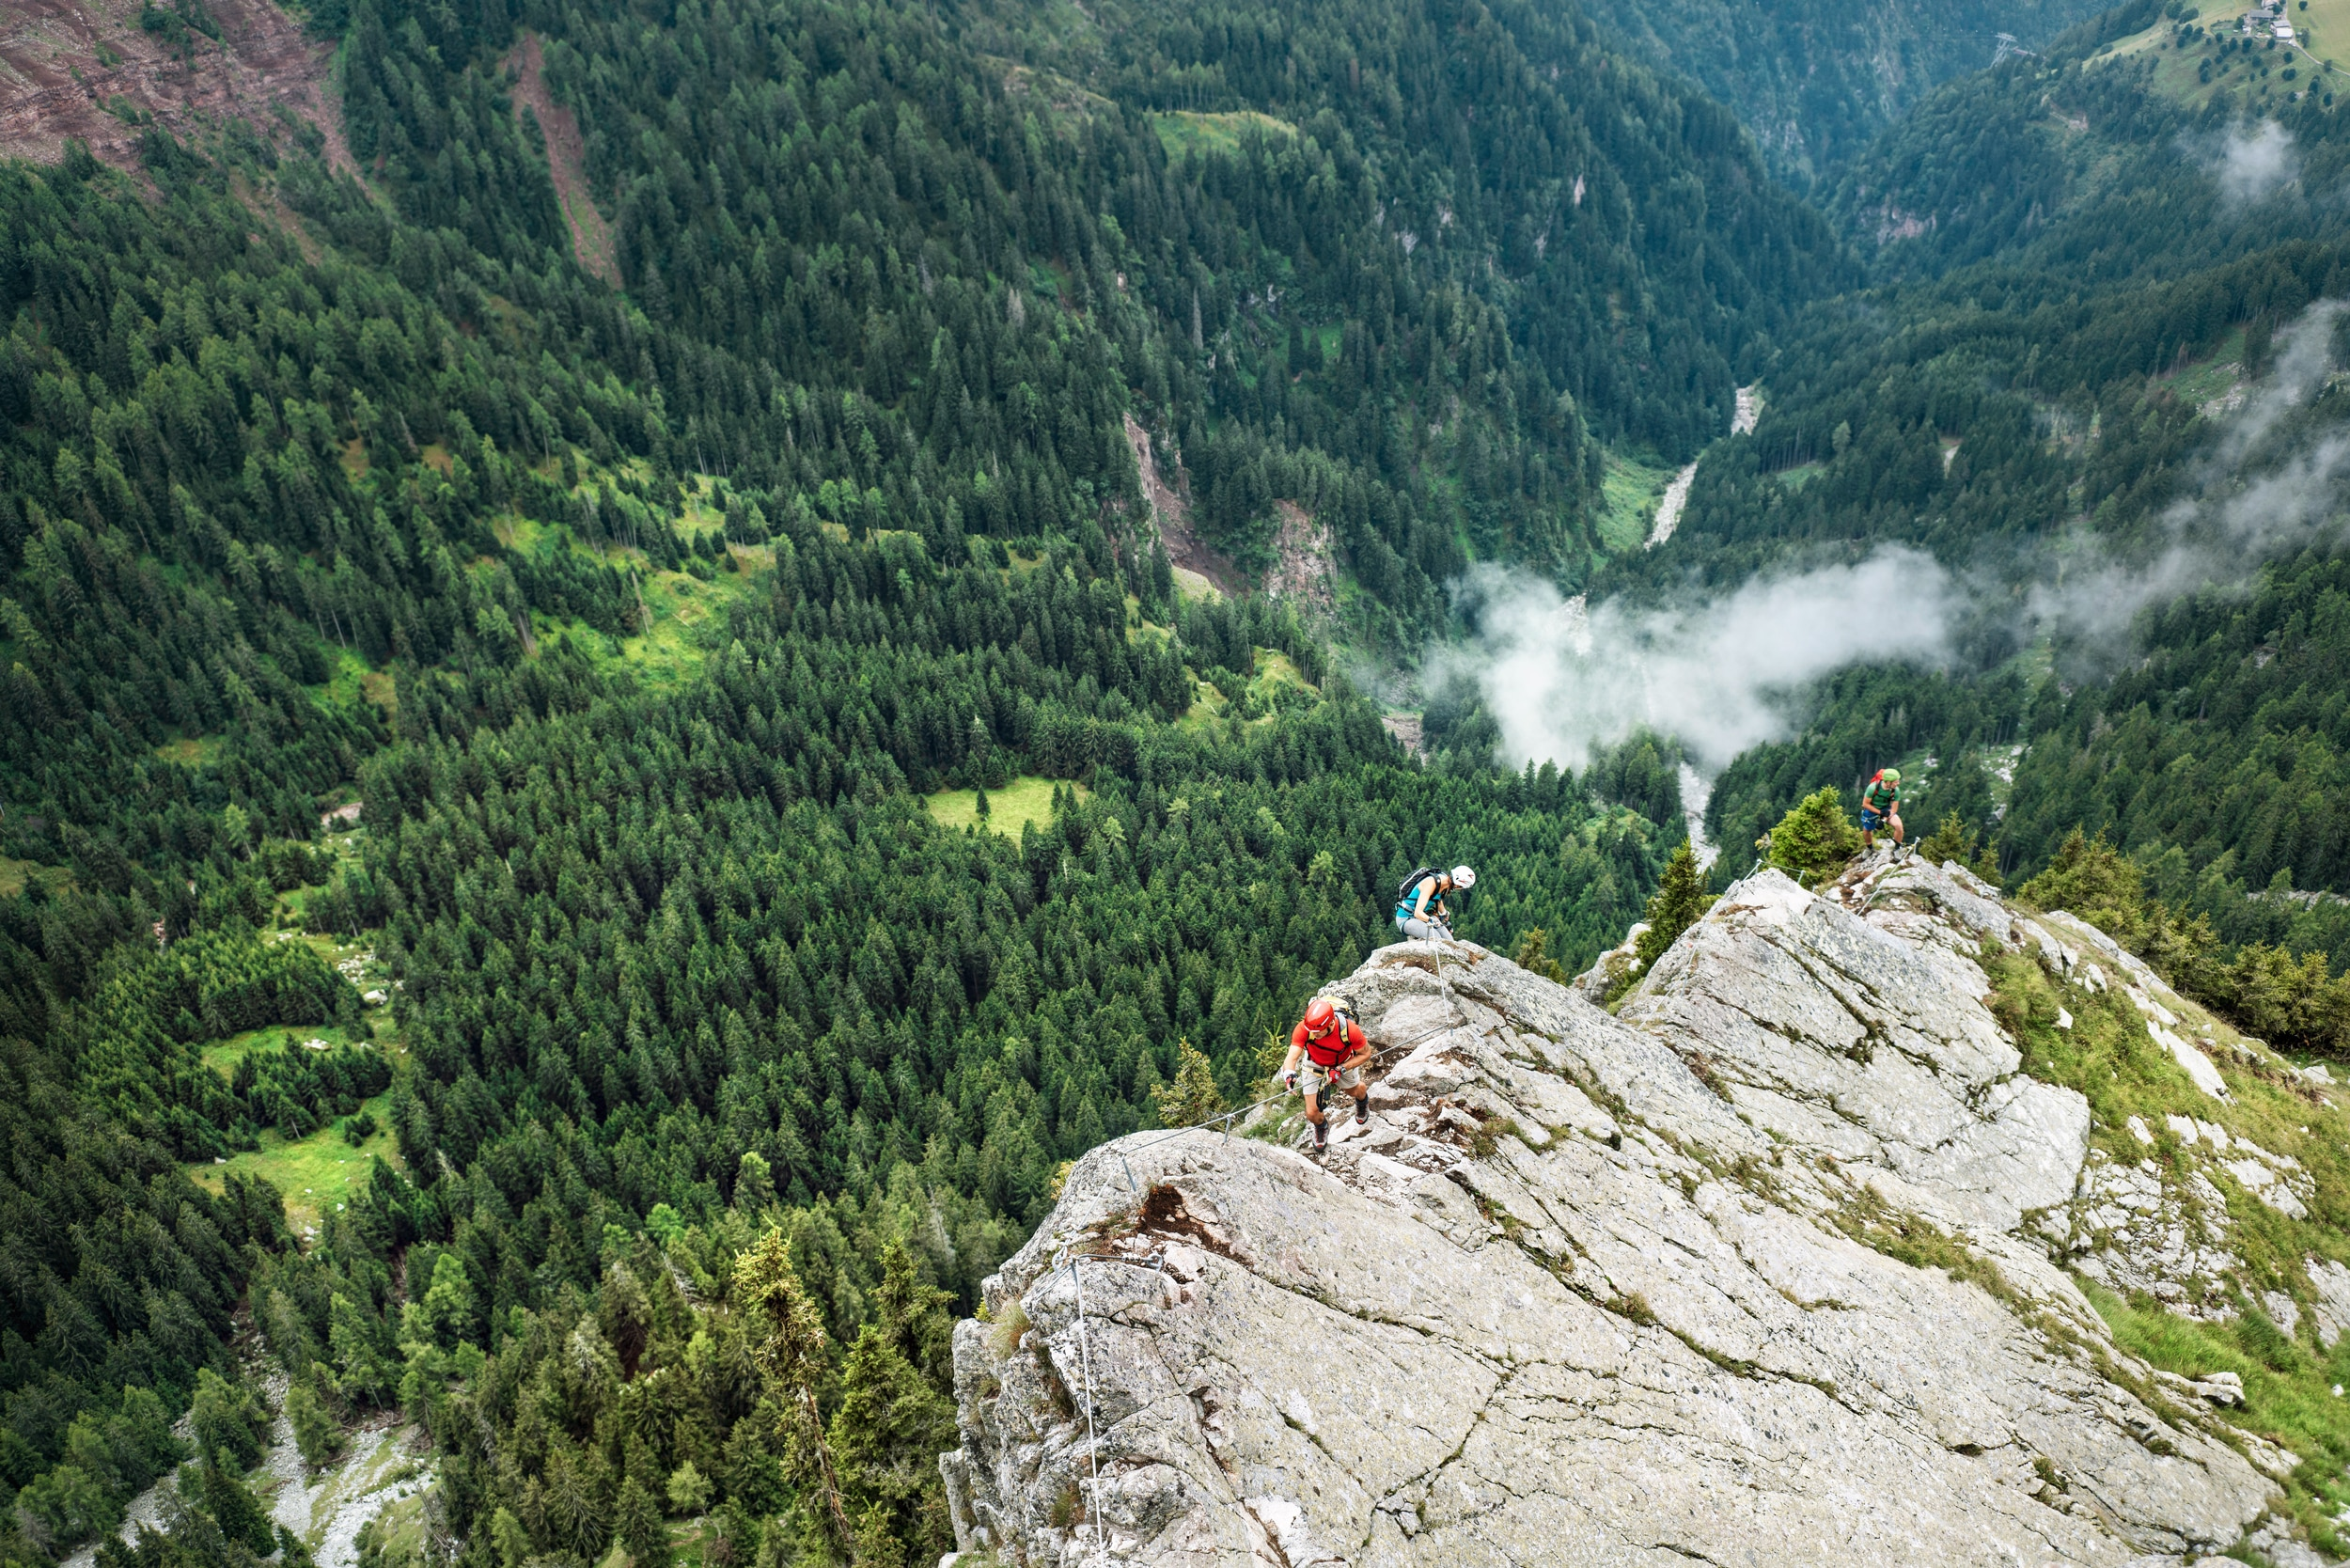 Klettersteig Ifinger : News u heini holzer klettersteig ferrata ifinger schenna